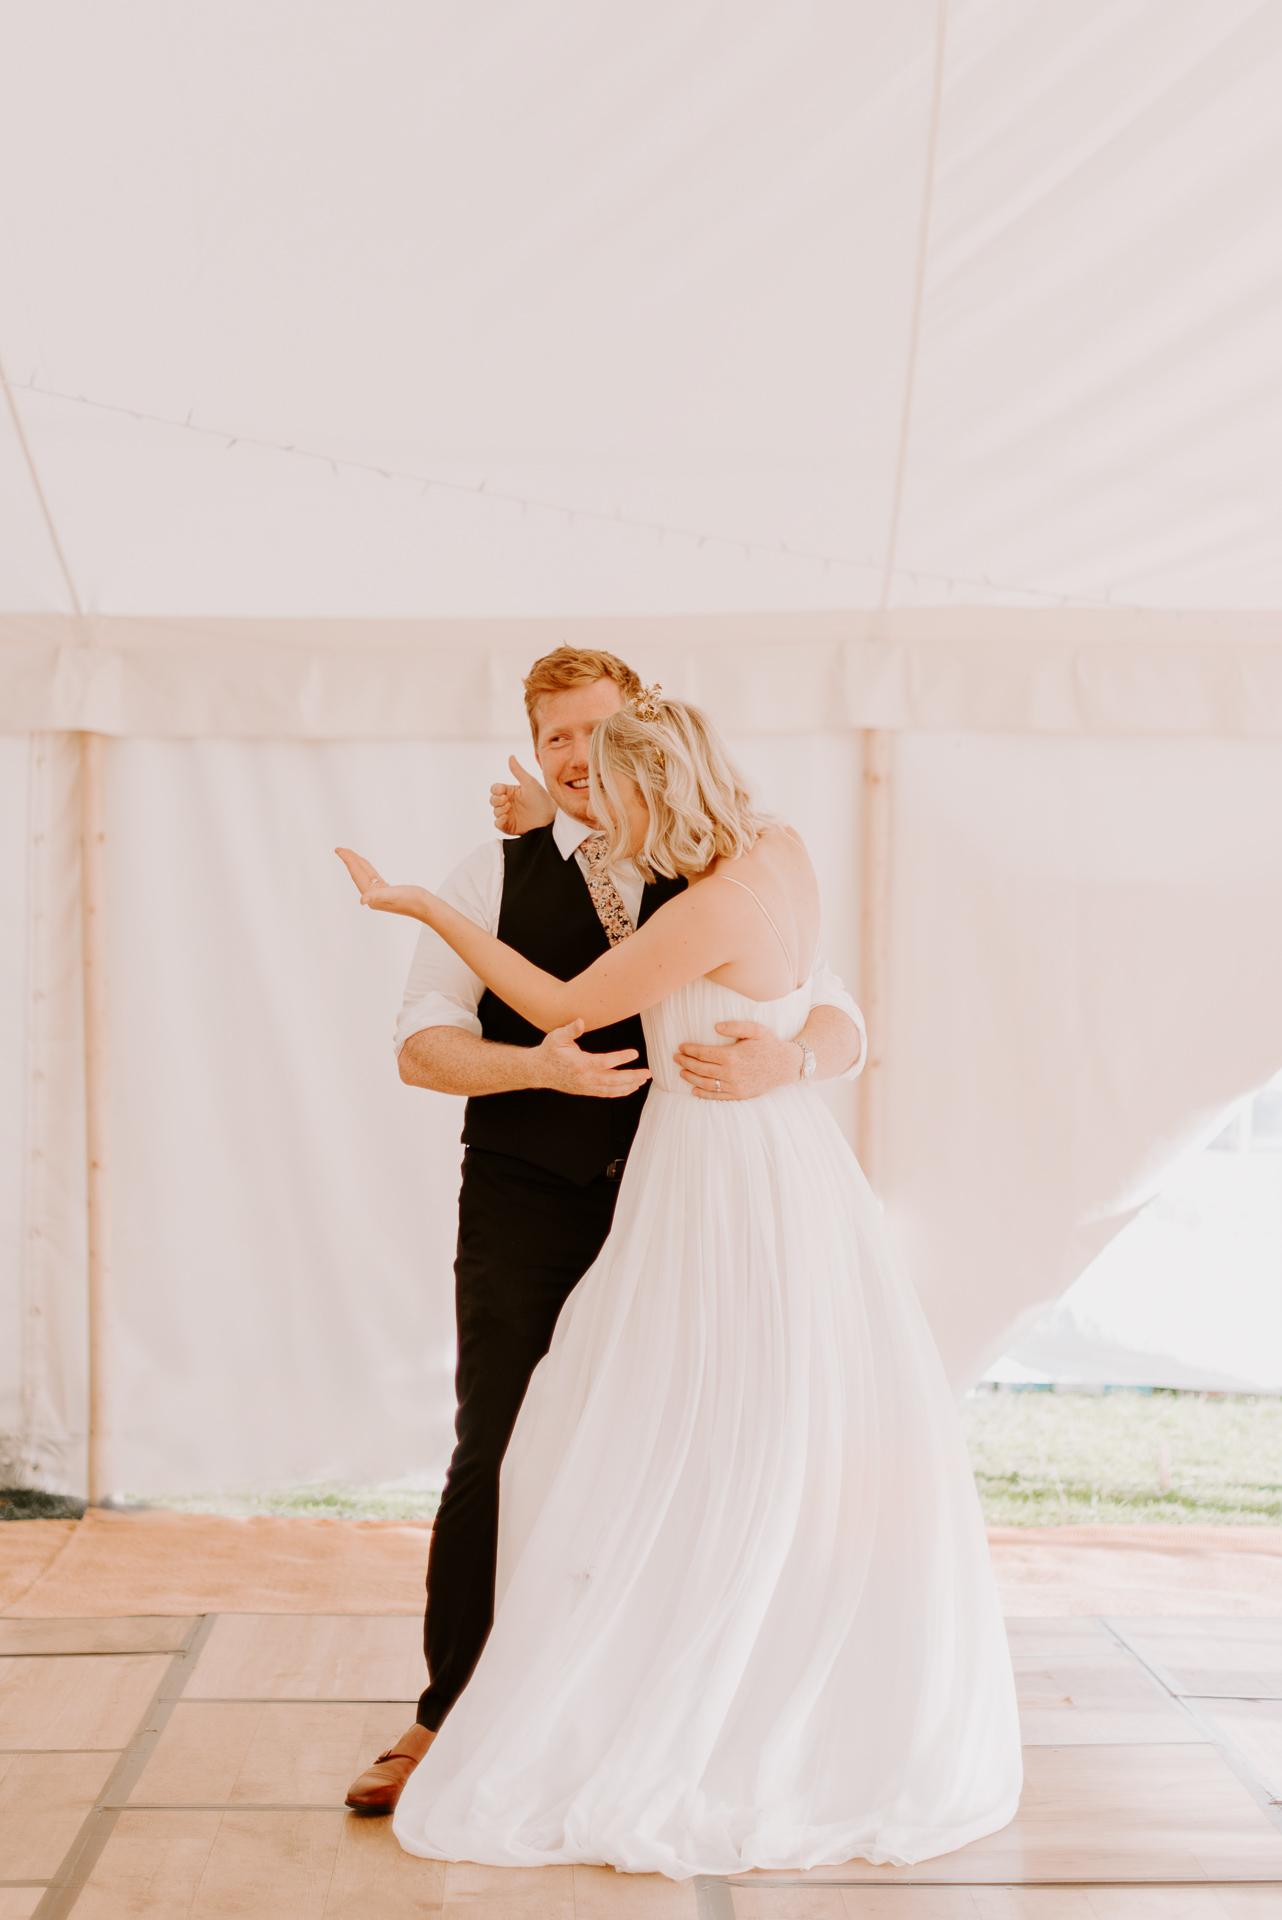 Henny_Jamie_East Sussex_Wedding_61.jpg